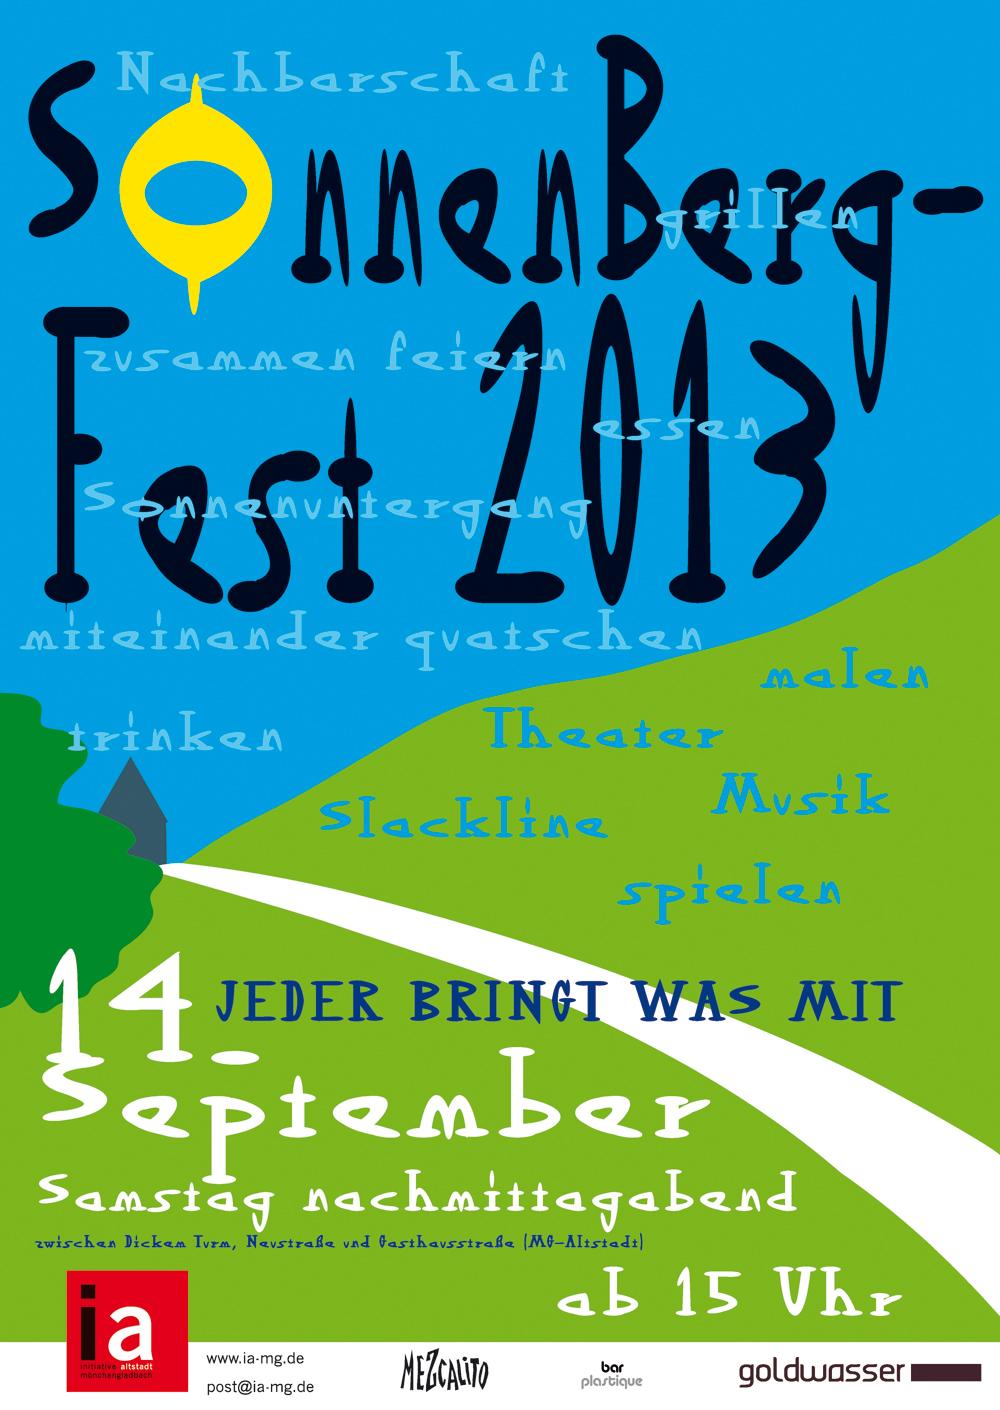 Sonnenbergfest2013 Plakat